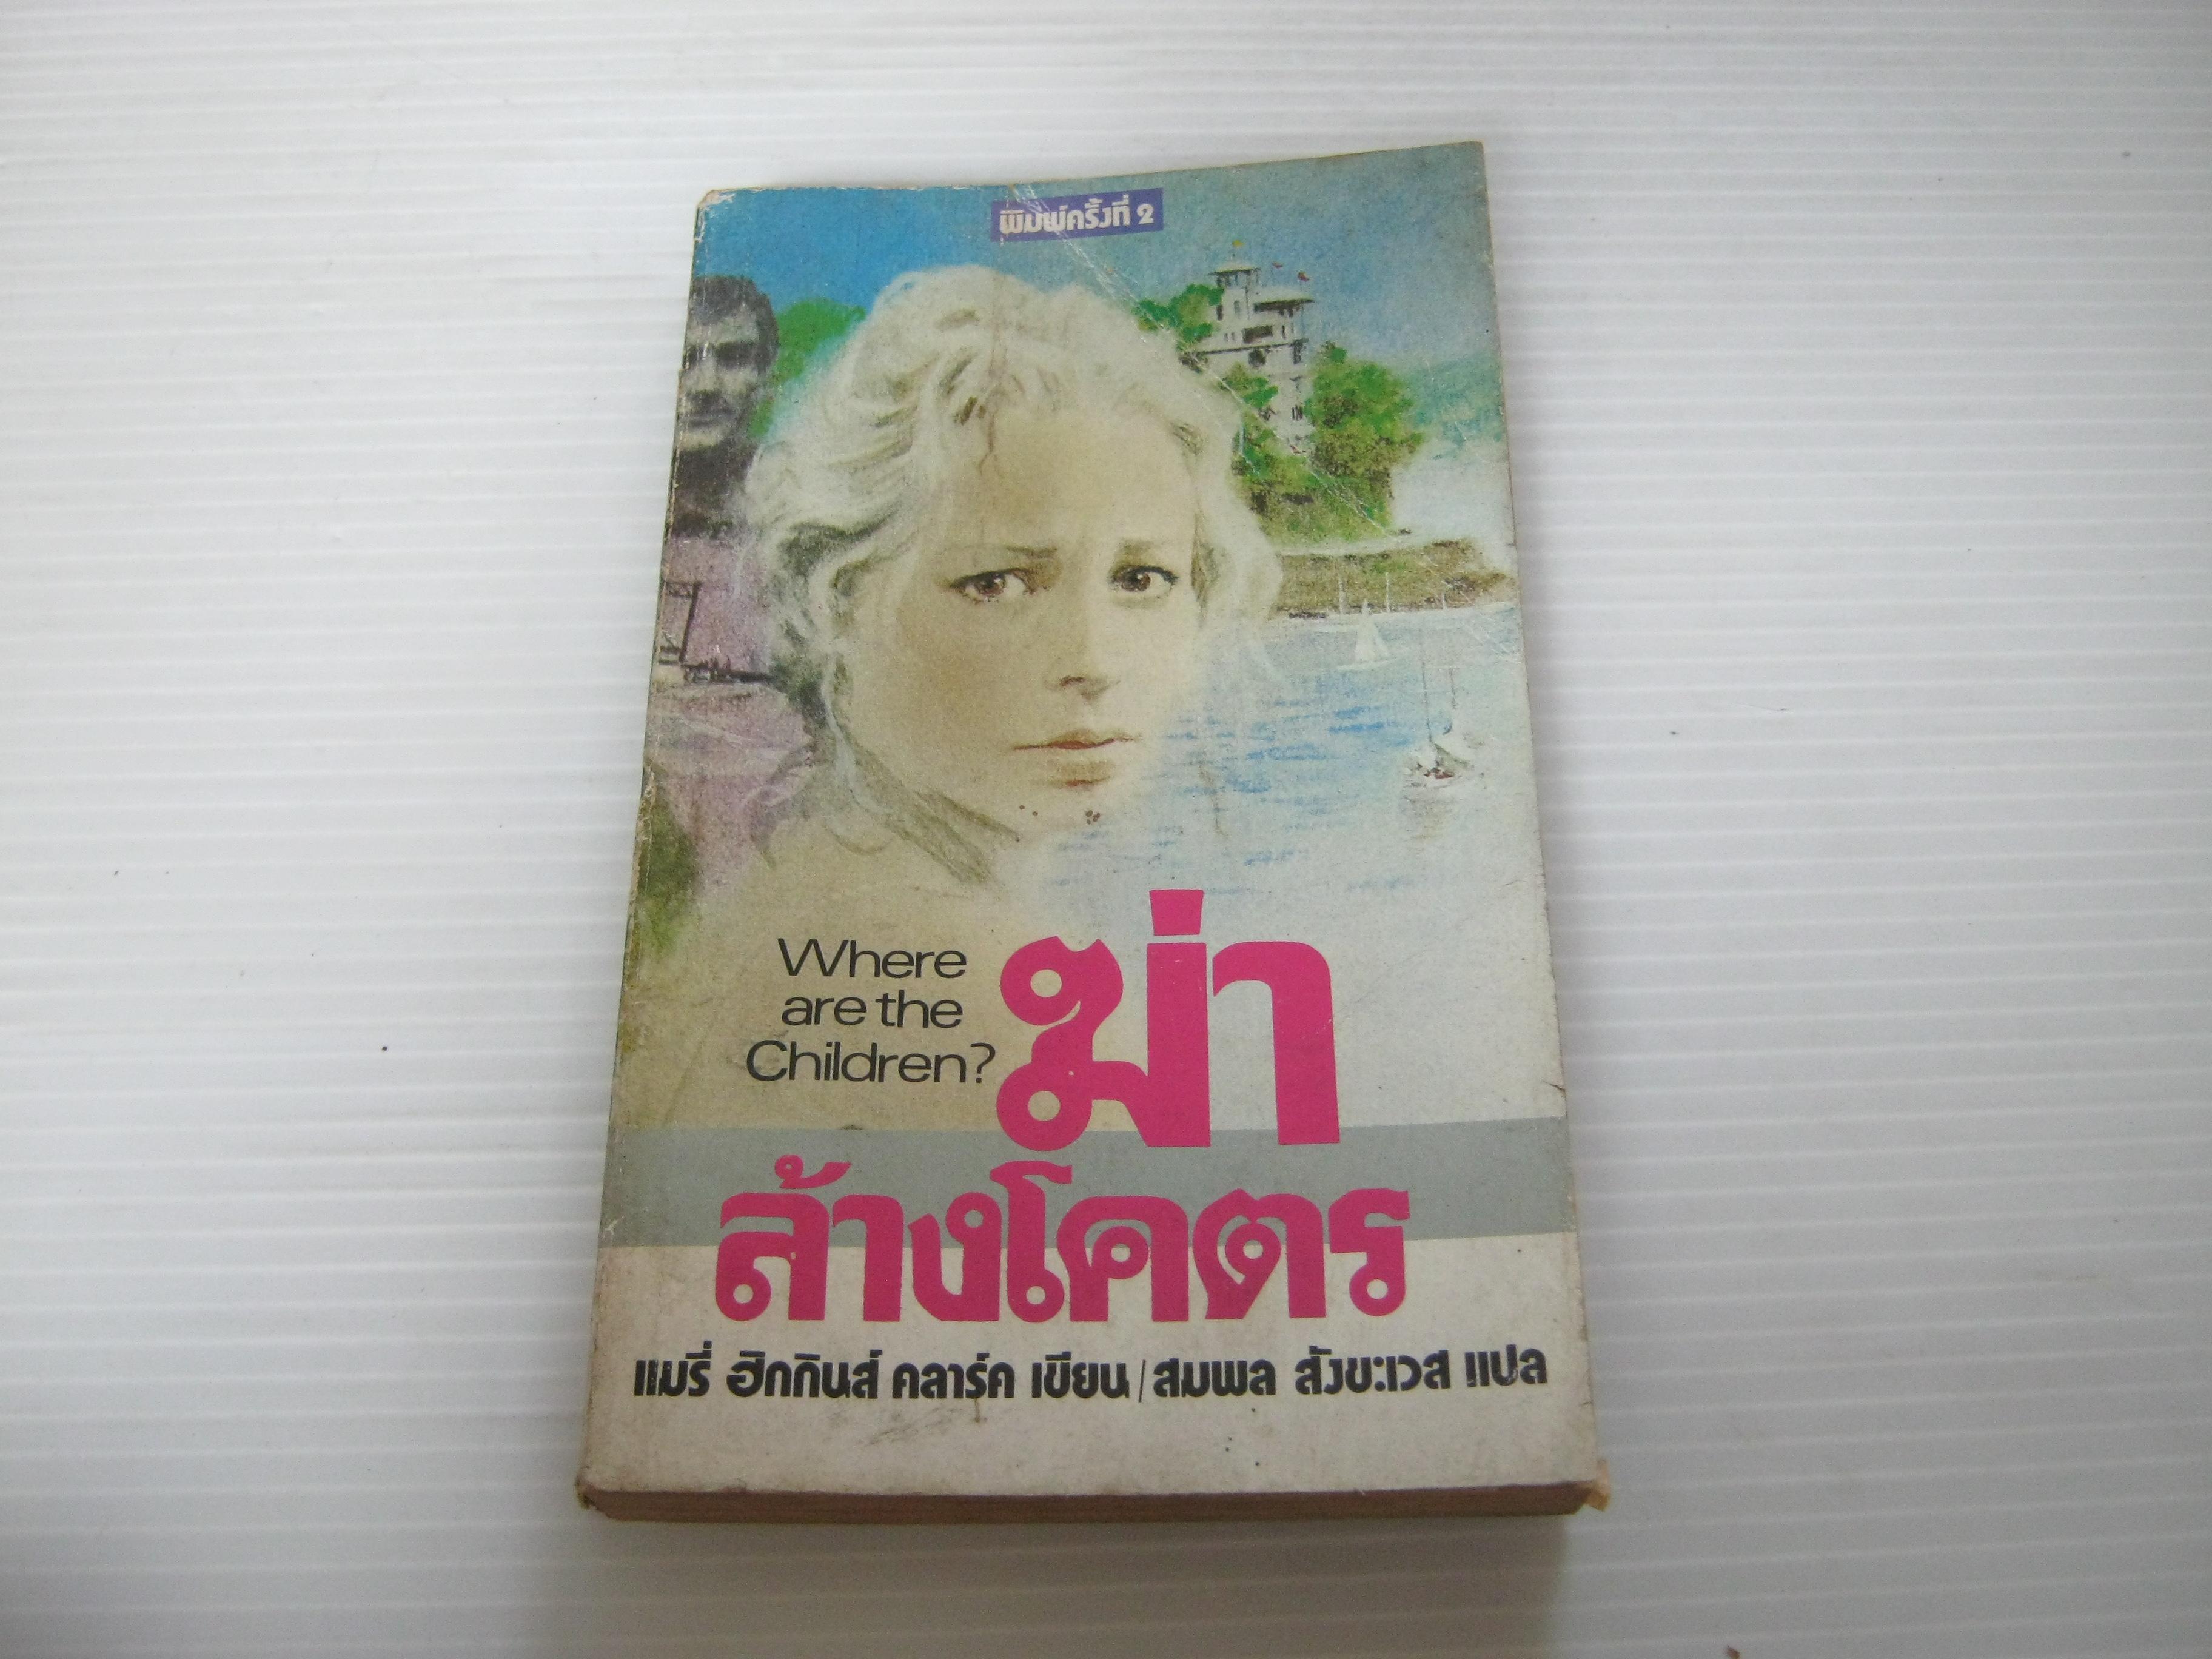 ฆ่าล้างโคตร (Where are the Children?) พิมพ์ครั้งที่ 2 แมรี่ ฮิกกิ้นส์ คลาร์ค เขียน สมพล สังขะเวส แปล